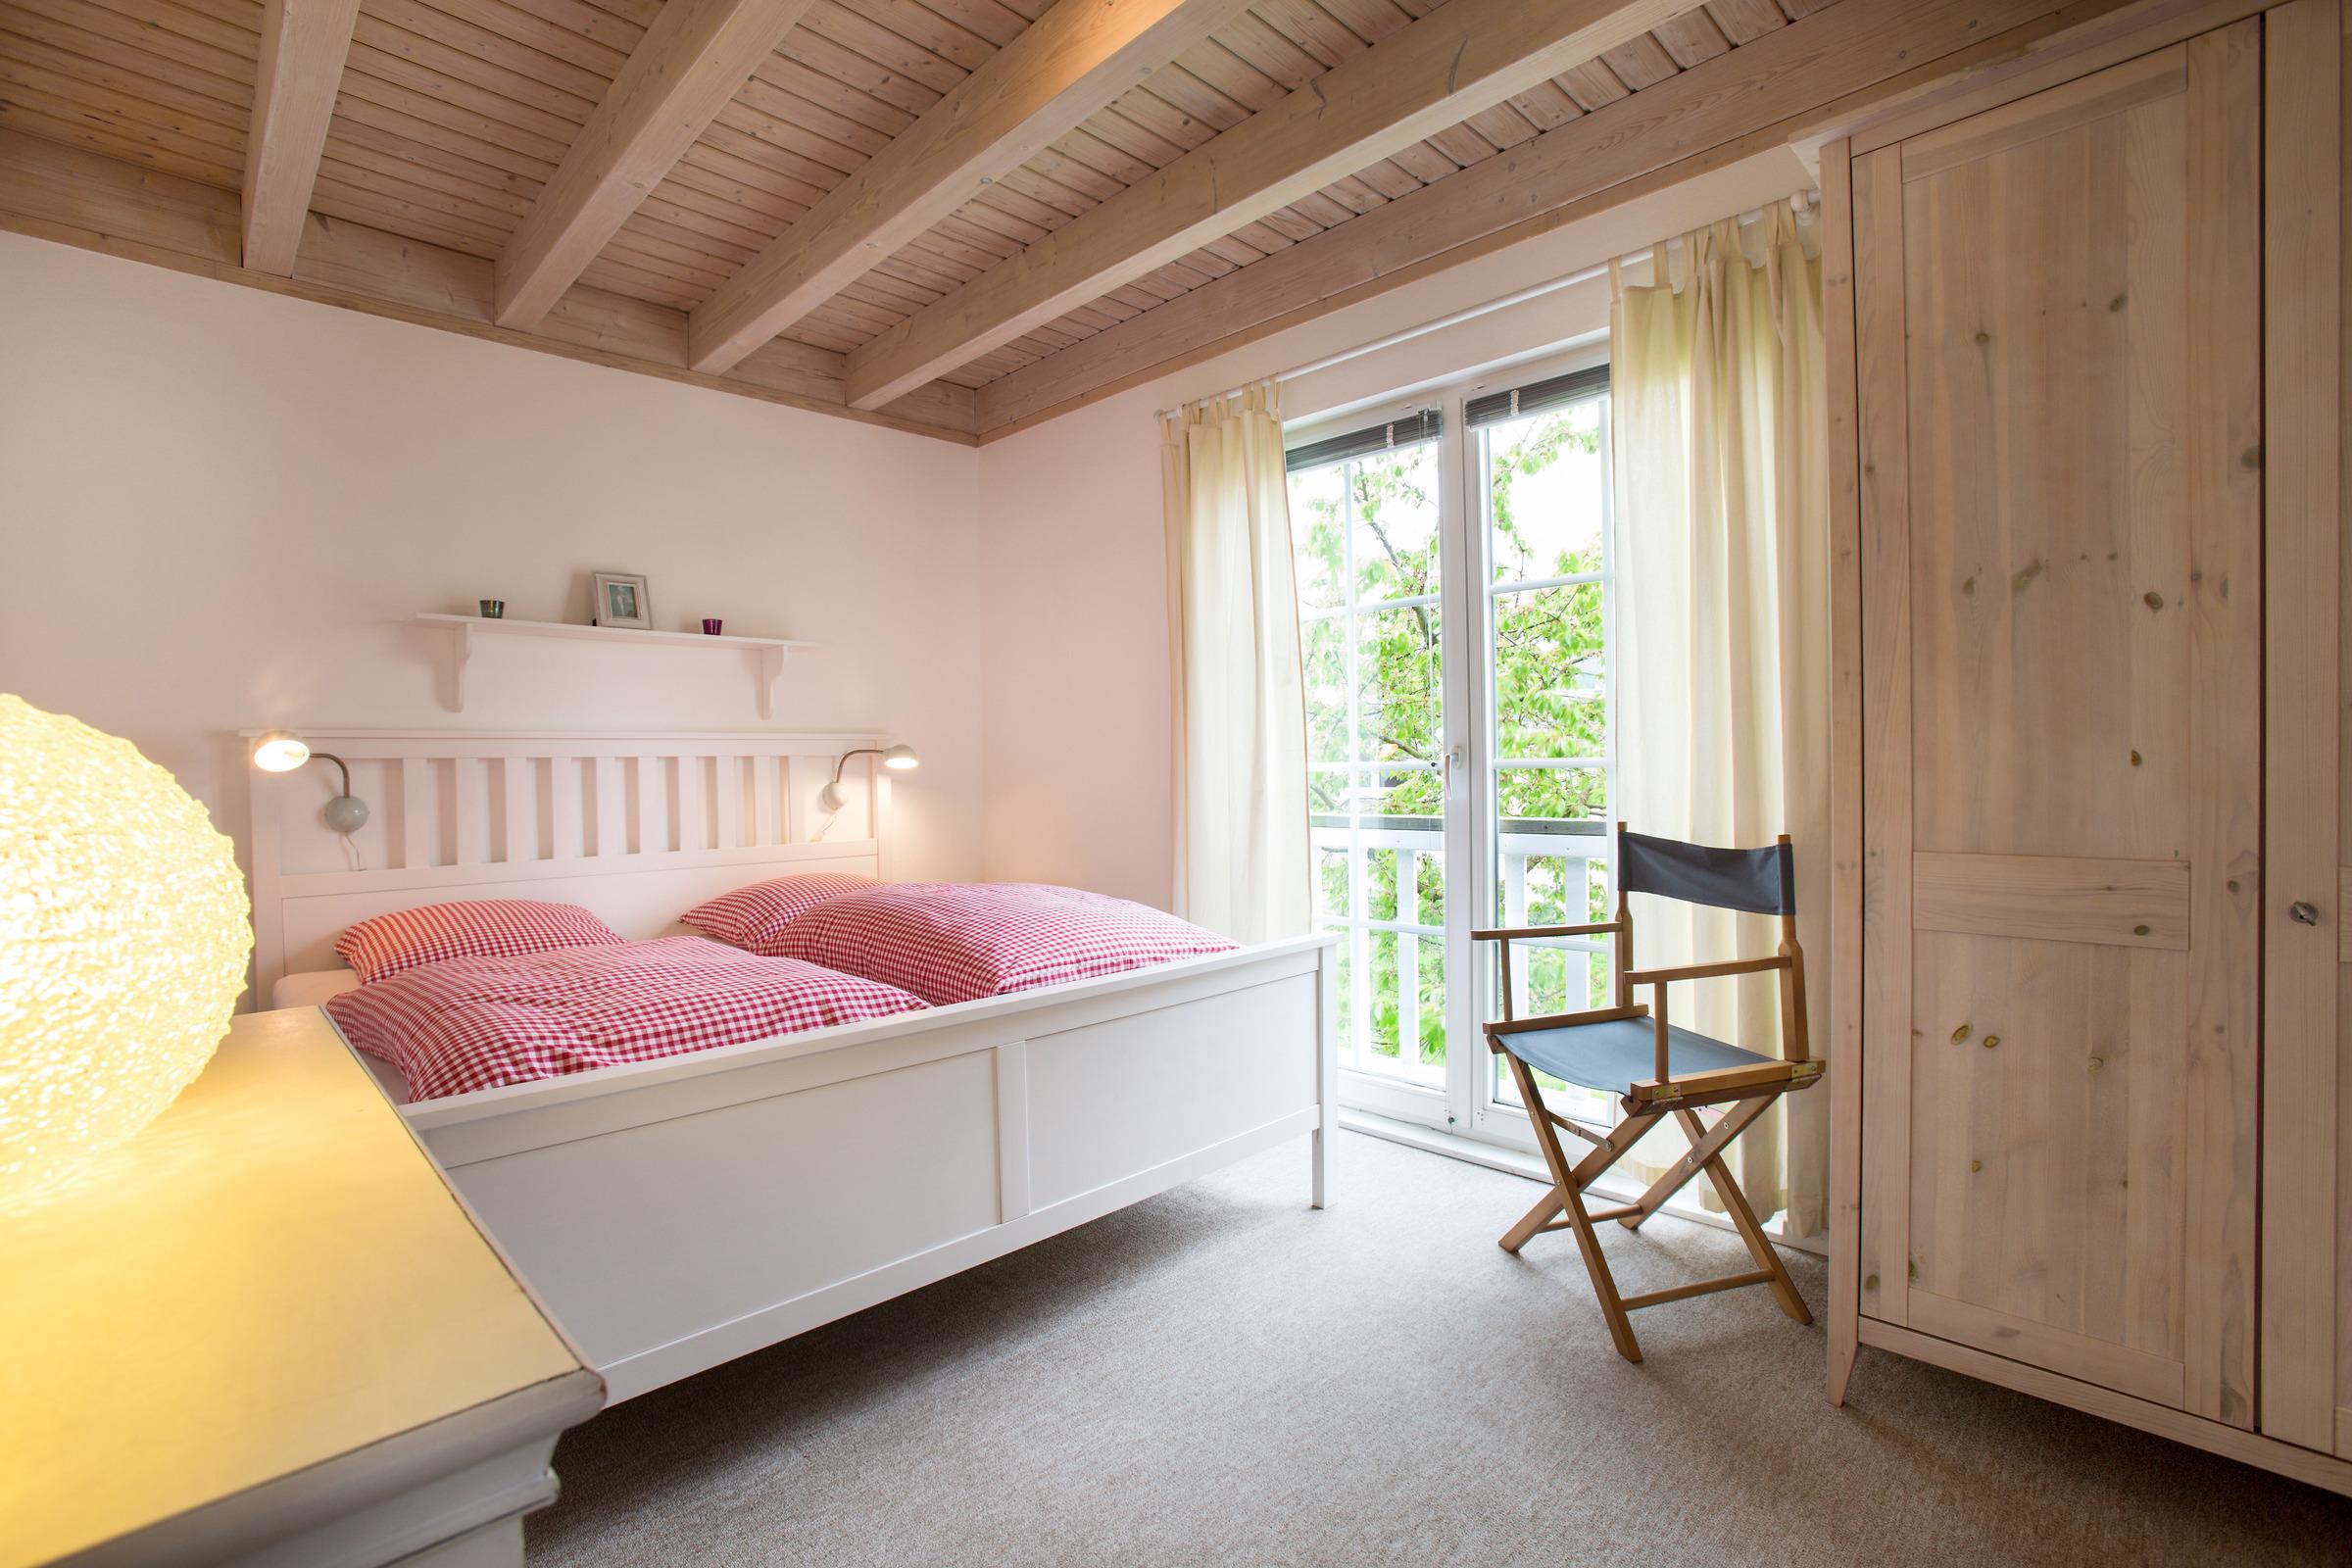 Ferienhaus Pippis Ostsee Traum Sierksdorf Ostsee Ferienwohnung